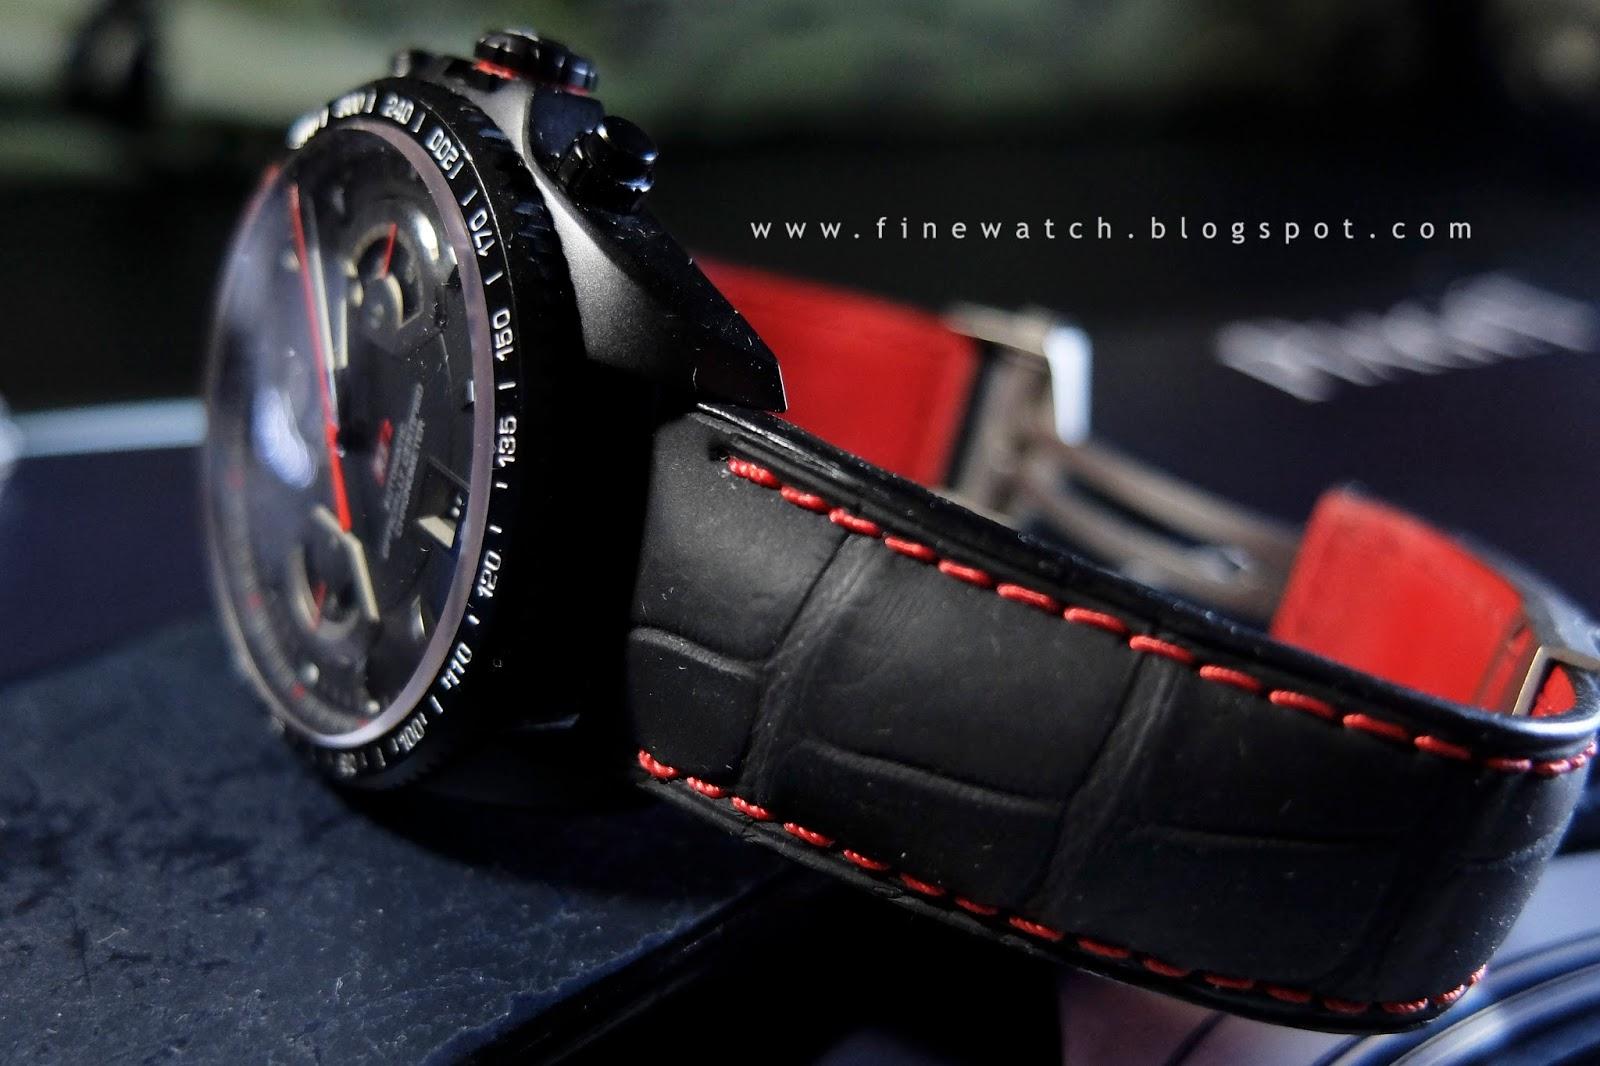 Stylish watch магазин часов и аксессуаров.